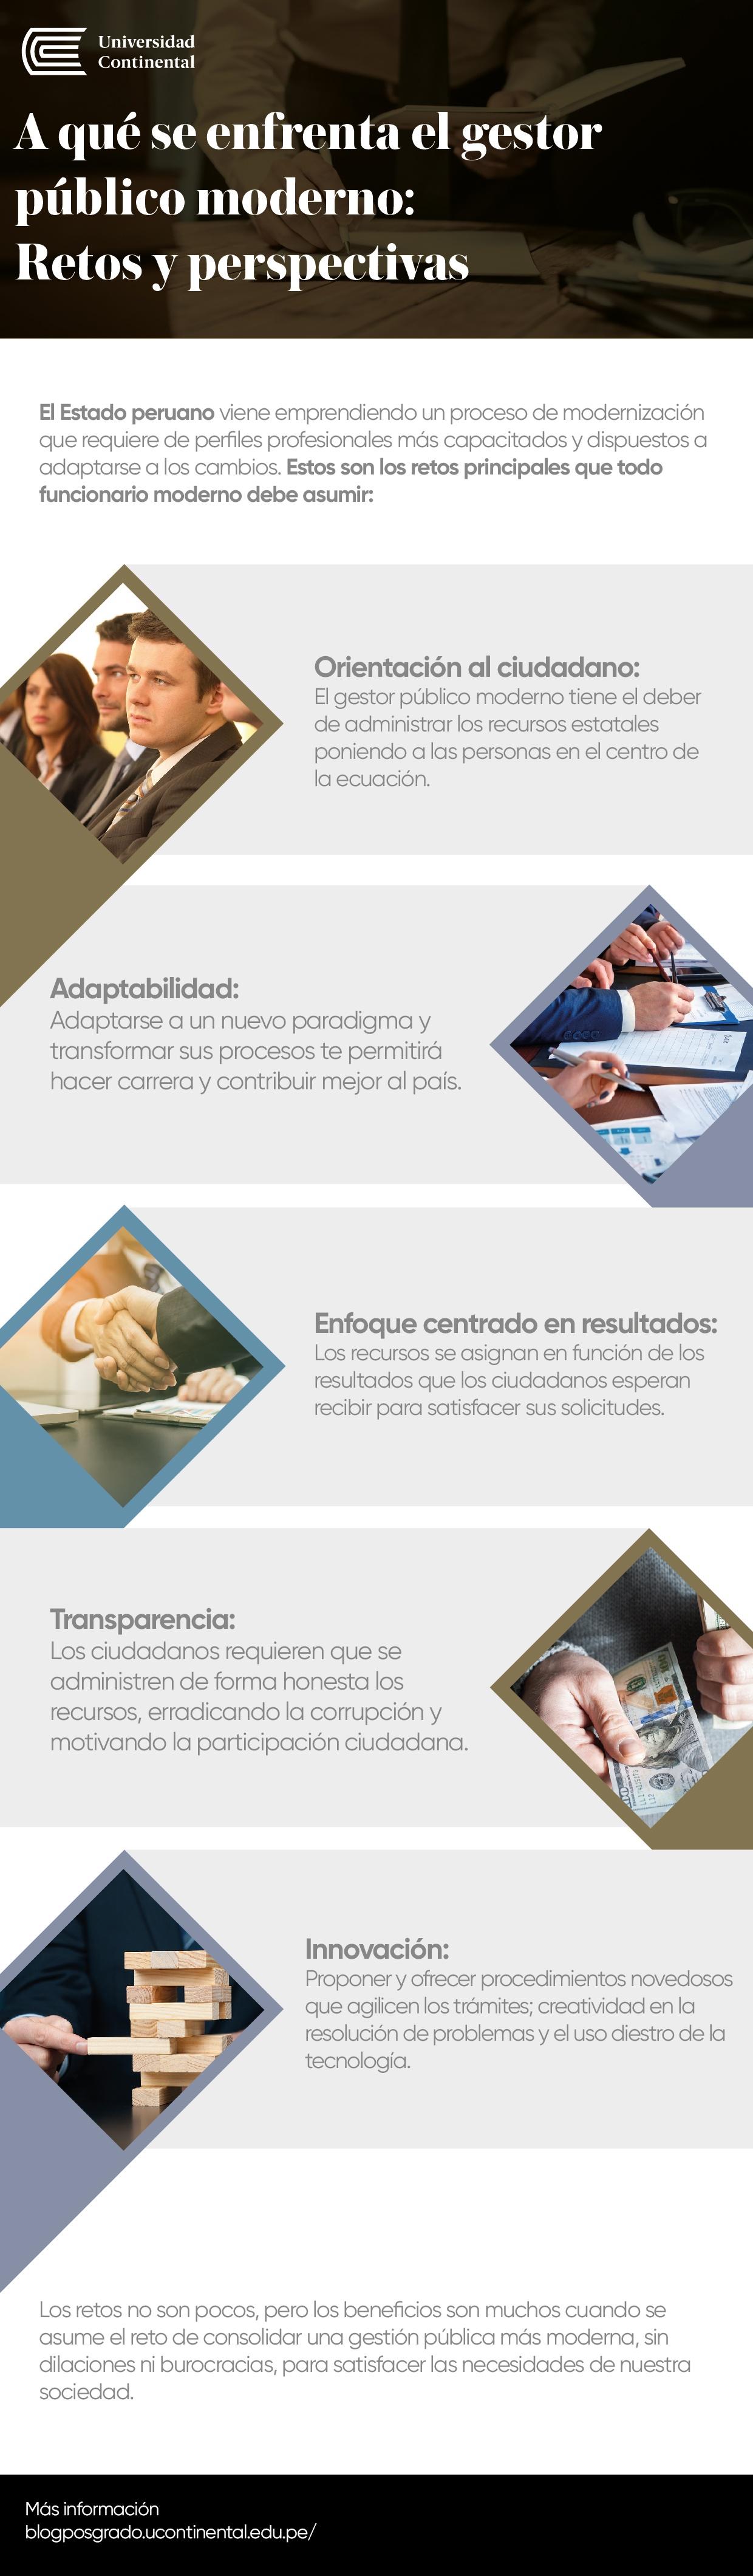 infografia-retos-perspectivas-gestor-publico-moderno-peru.jpg